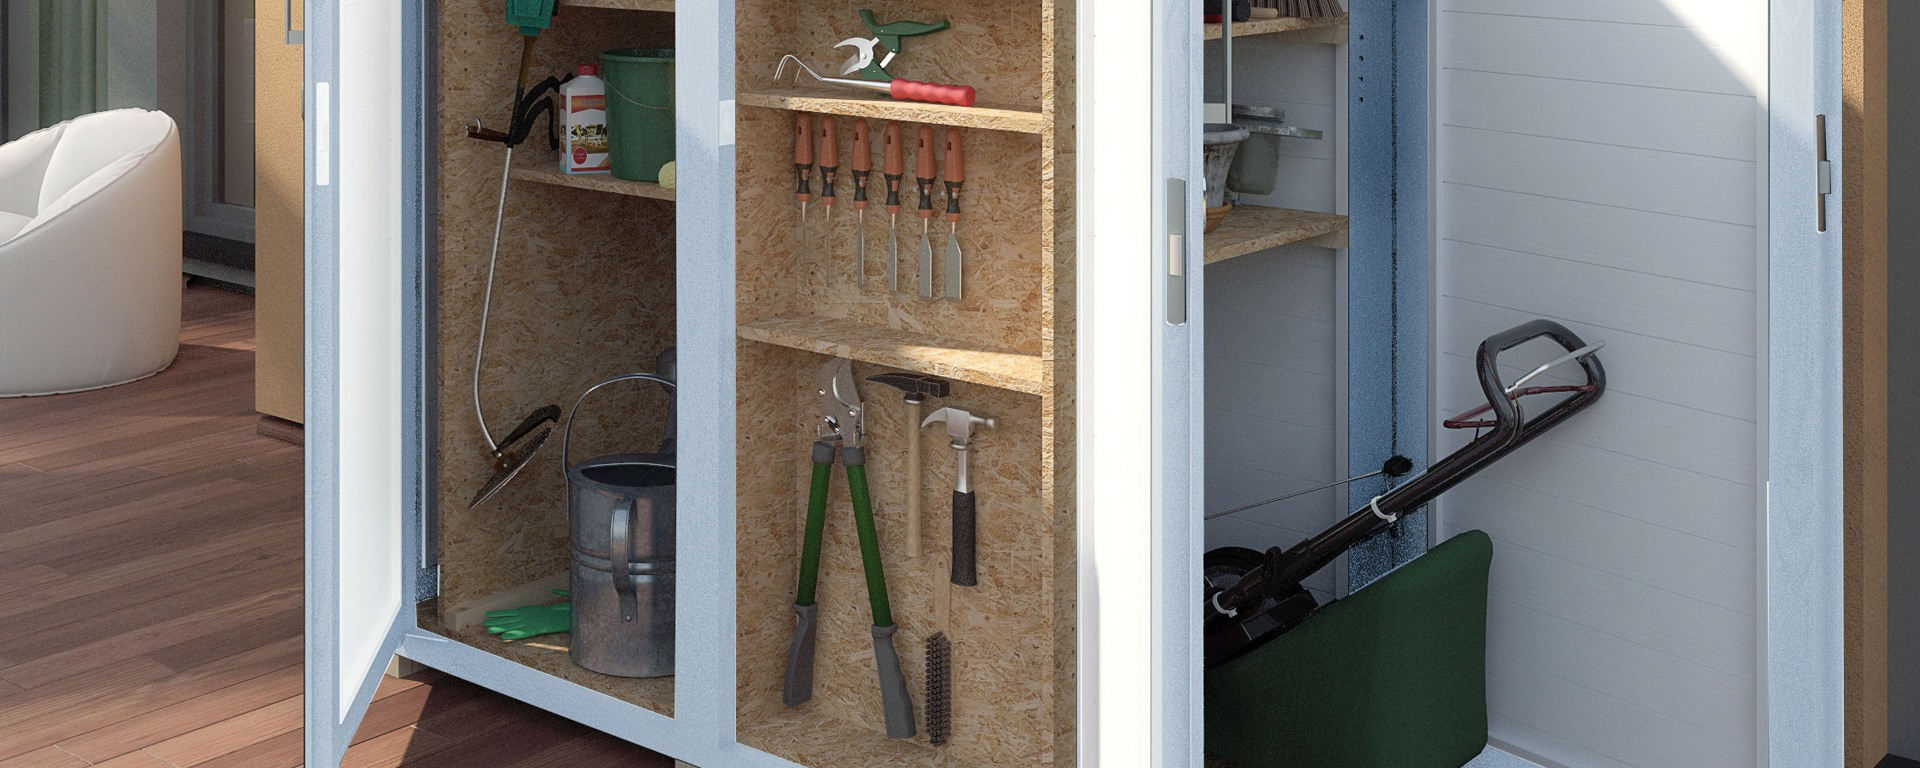 Gartengeräteschrank | moderner Geräteschrank aus Holz - Garten-Q GmbH